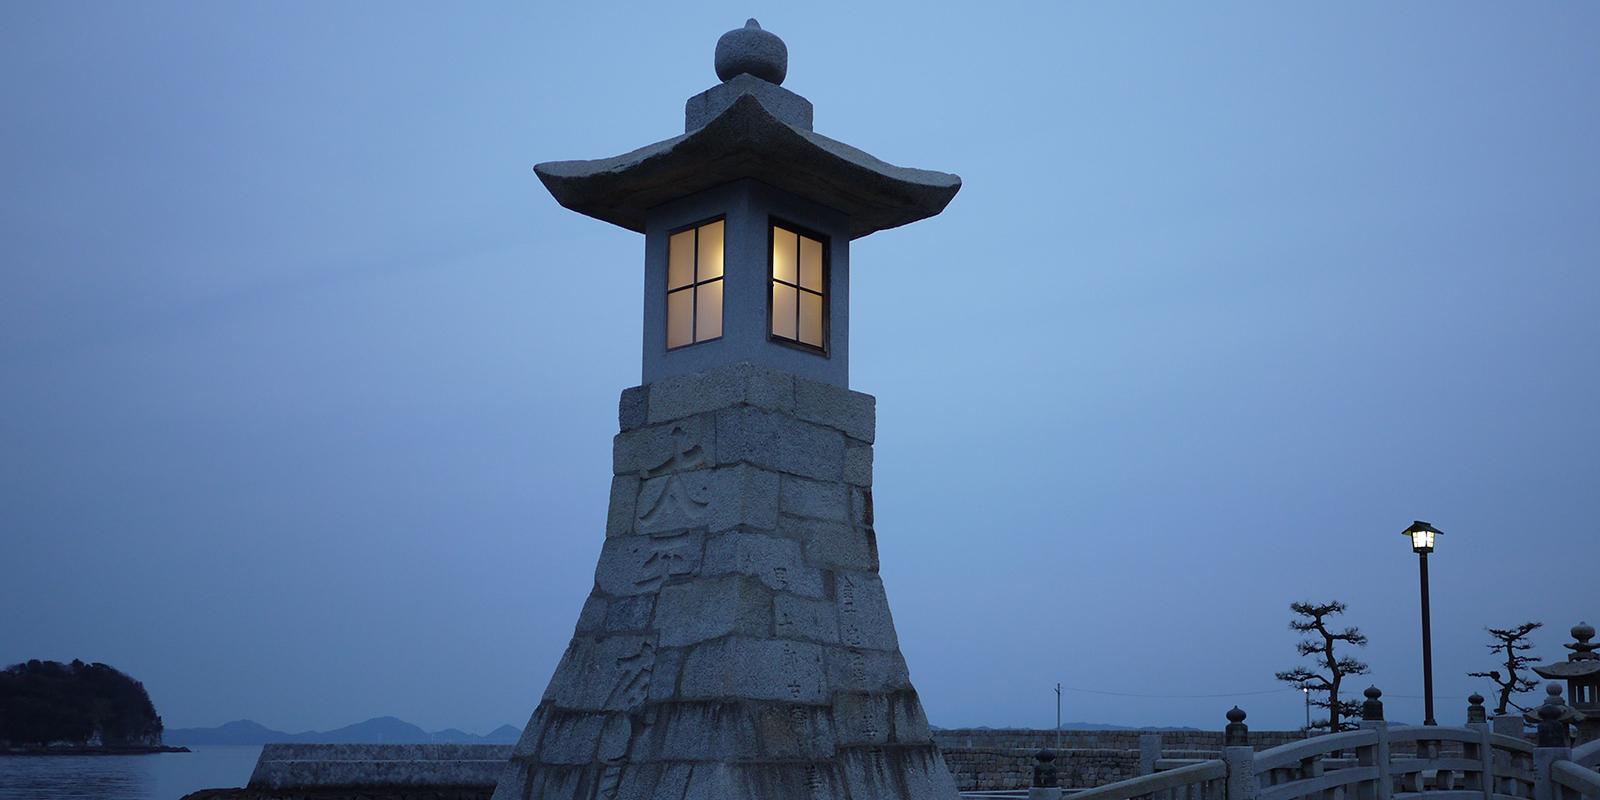 http://hatagoya-kusushi.com/wp/wp-content/themes/kusushi/img/header-logo.jpg